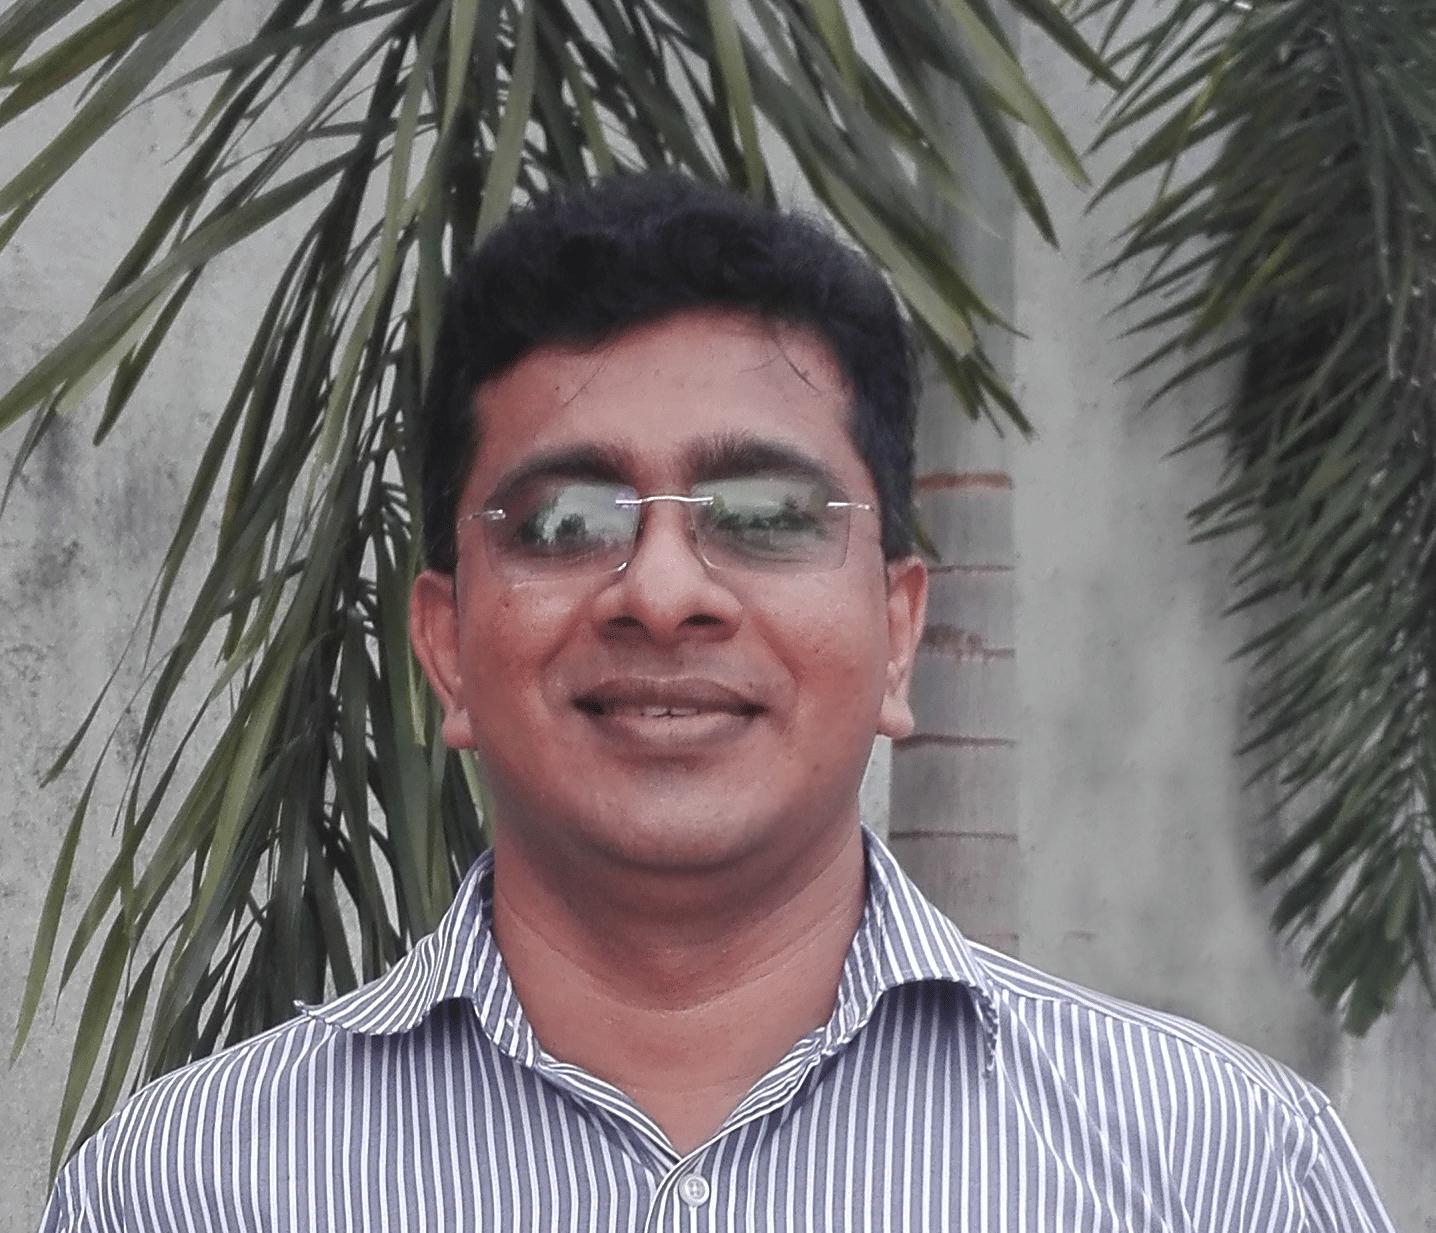 Sajith Gunawarena